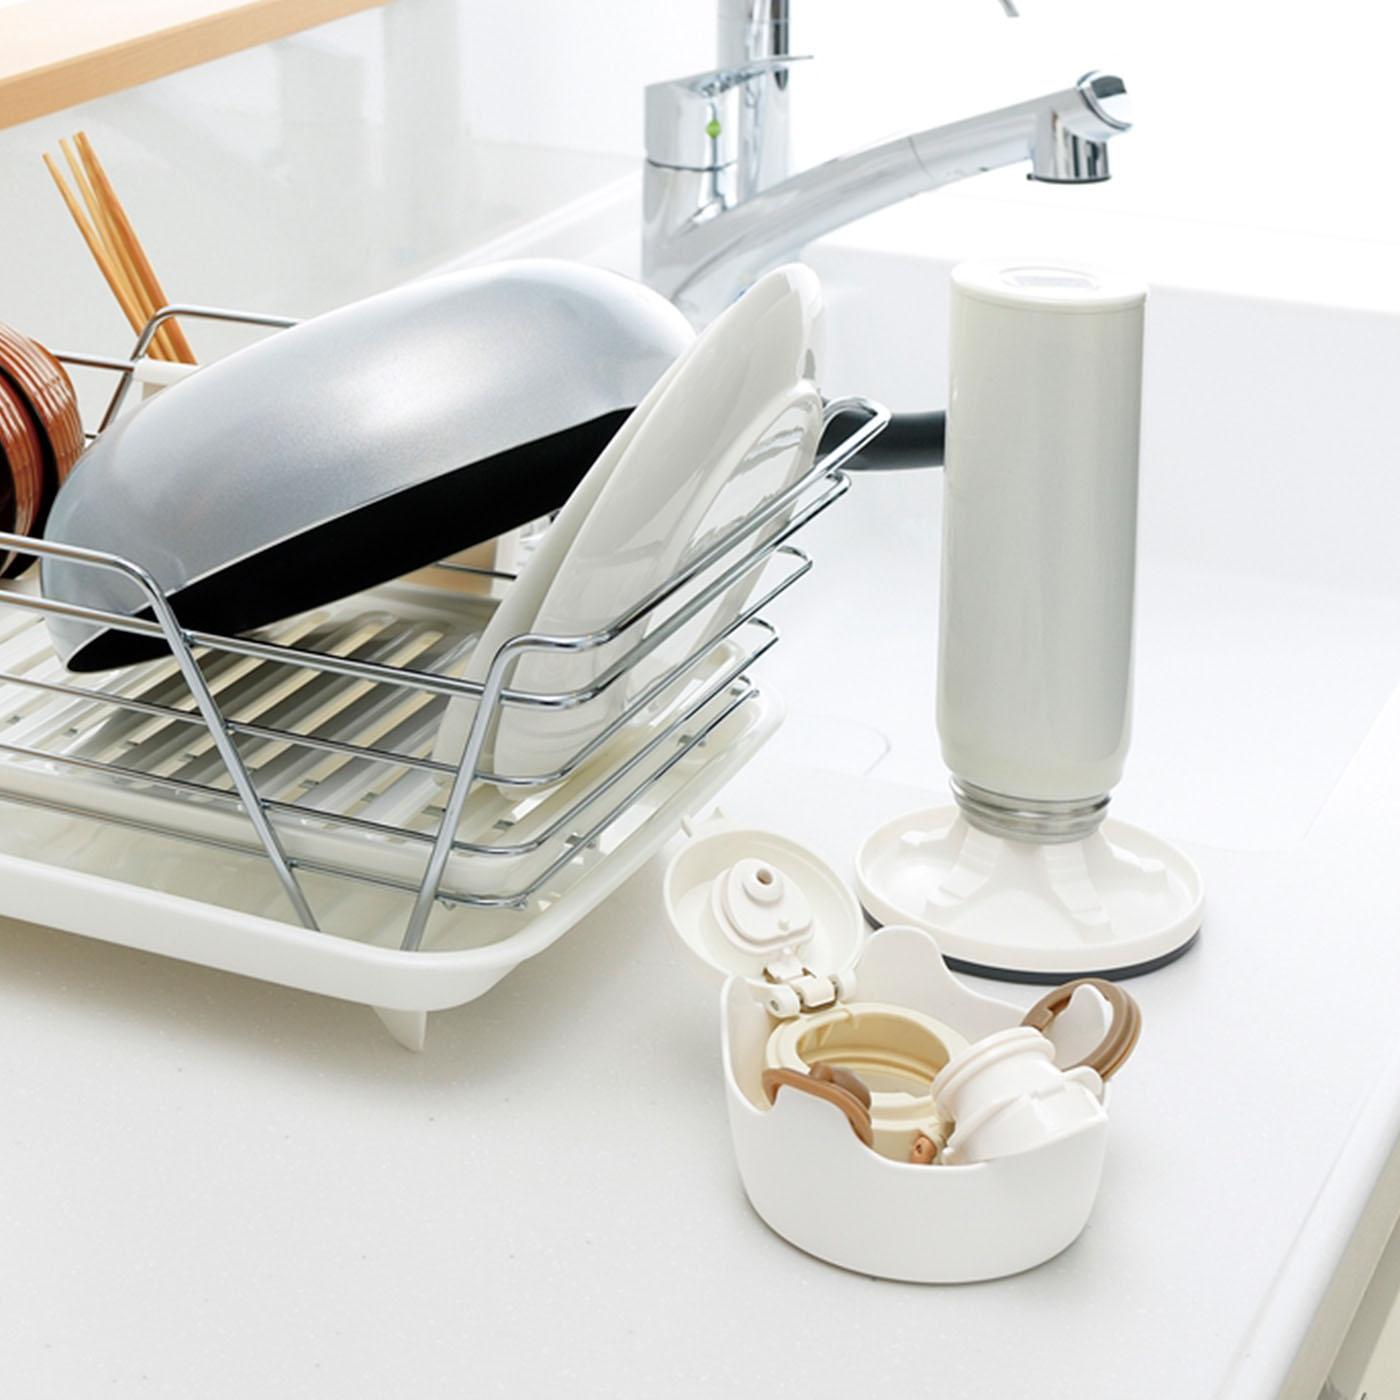 洗い物かごに入れずにすっきり乾かすことができます。